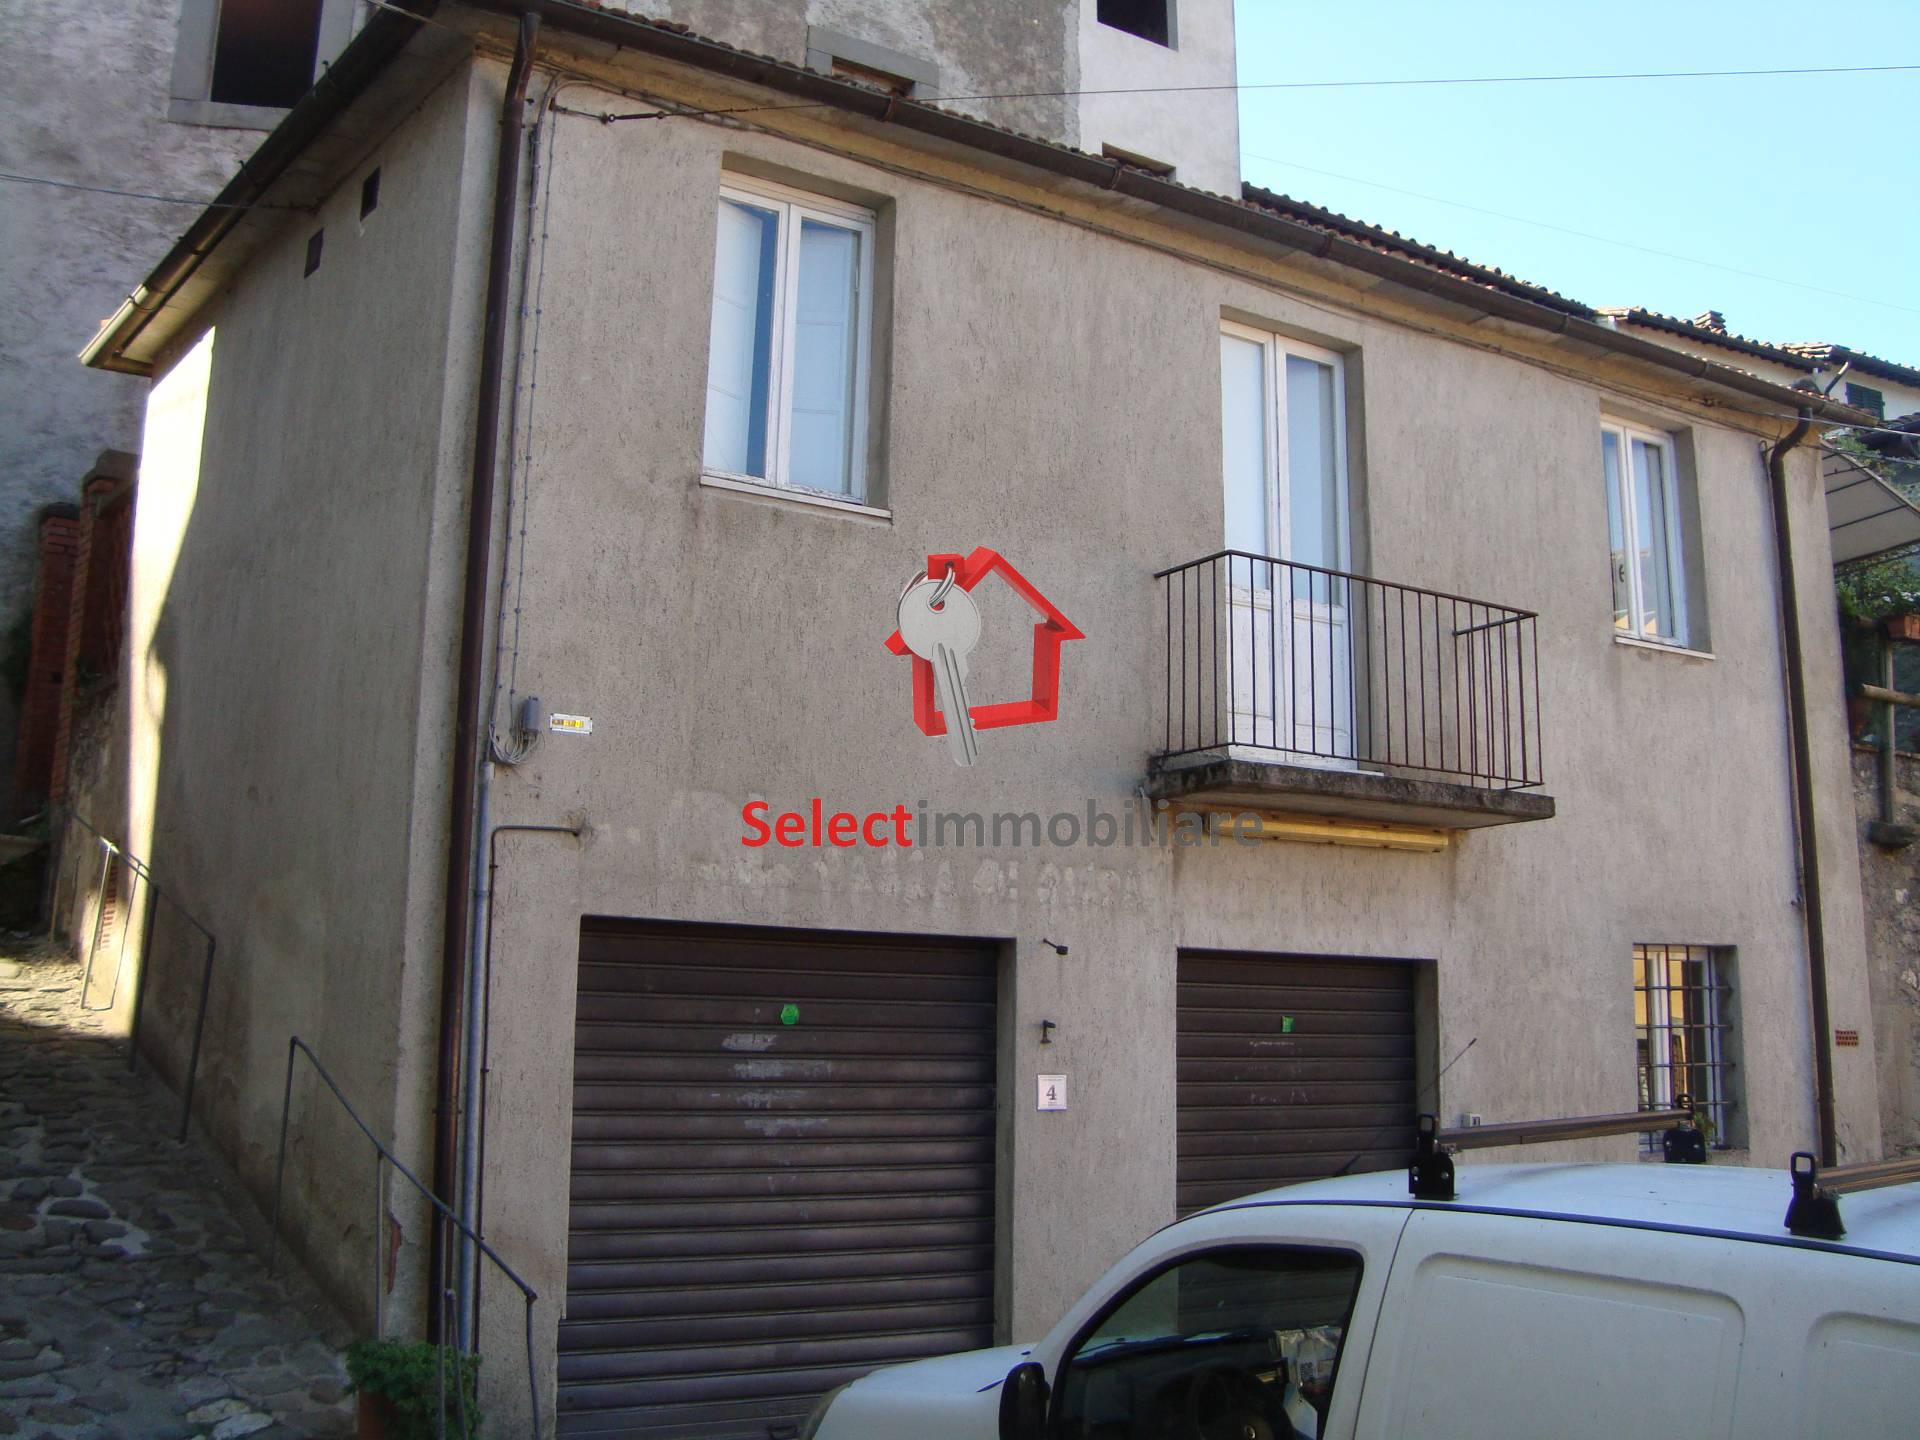 Ufficio / Studio in vendita a Pescaglia, 9999 locali, prezzo € 60.000 | CambioCasa.it